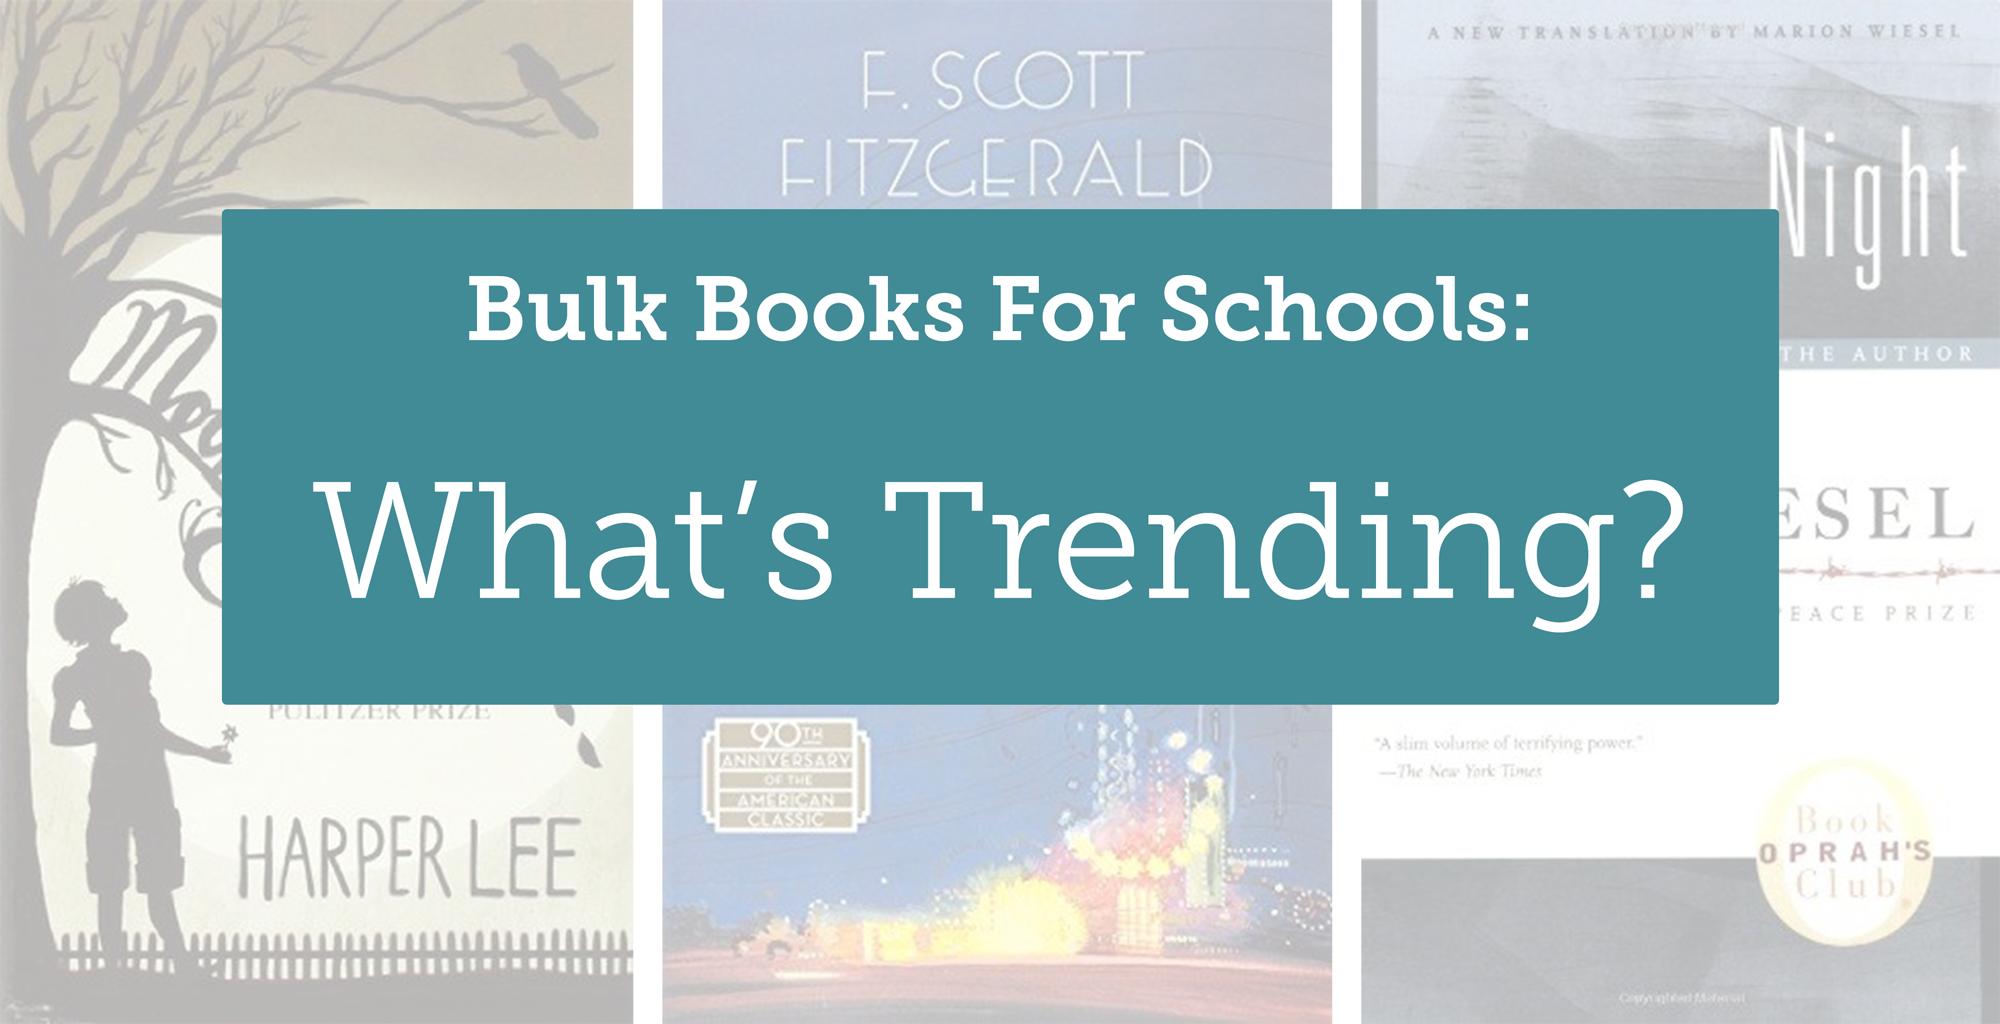 Bulk Books for Schools